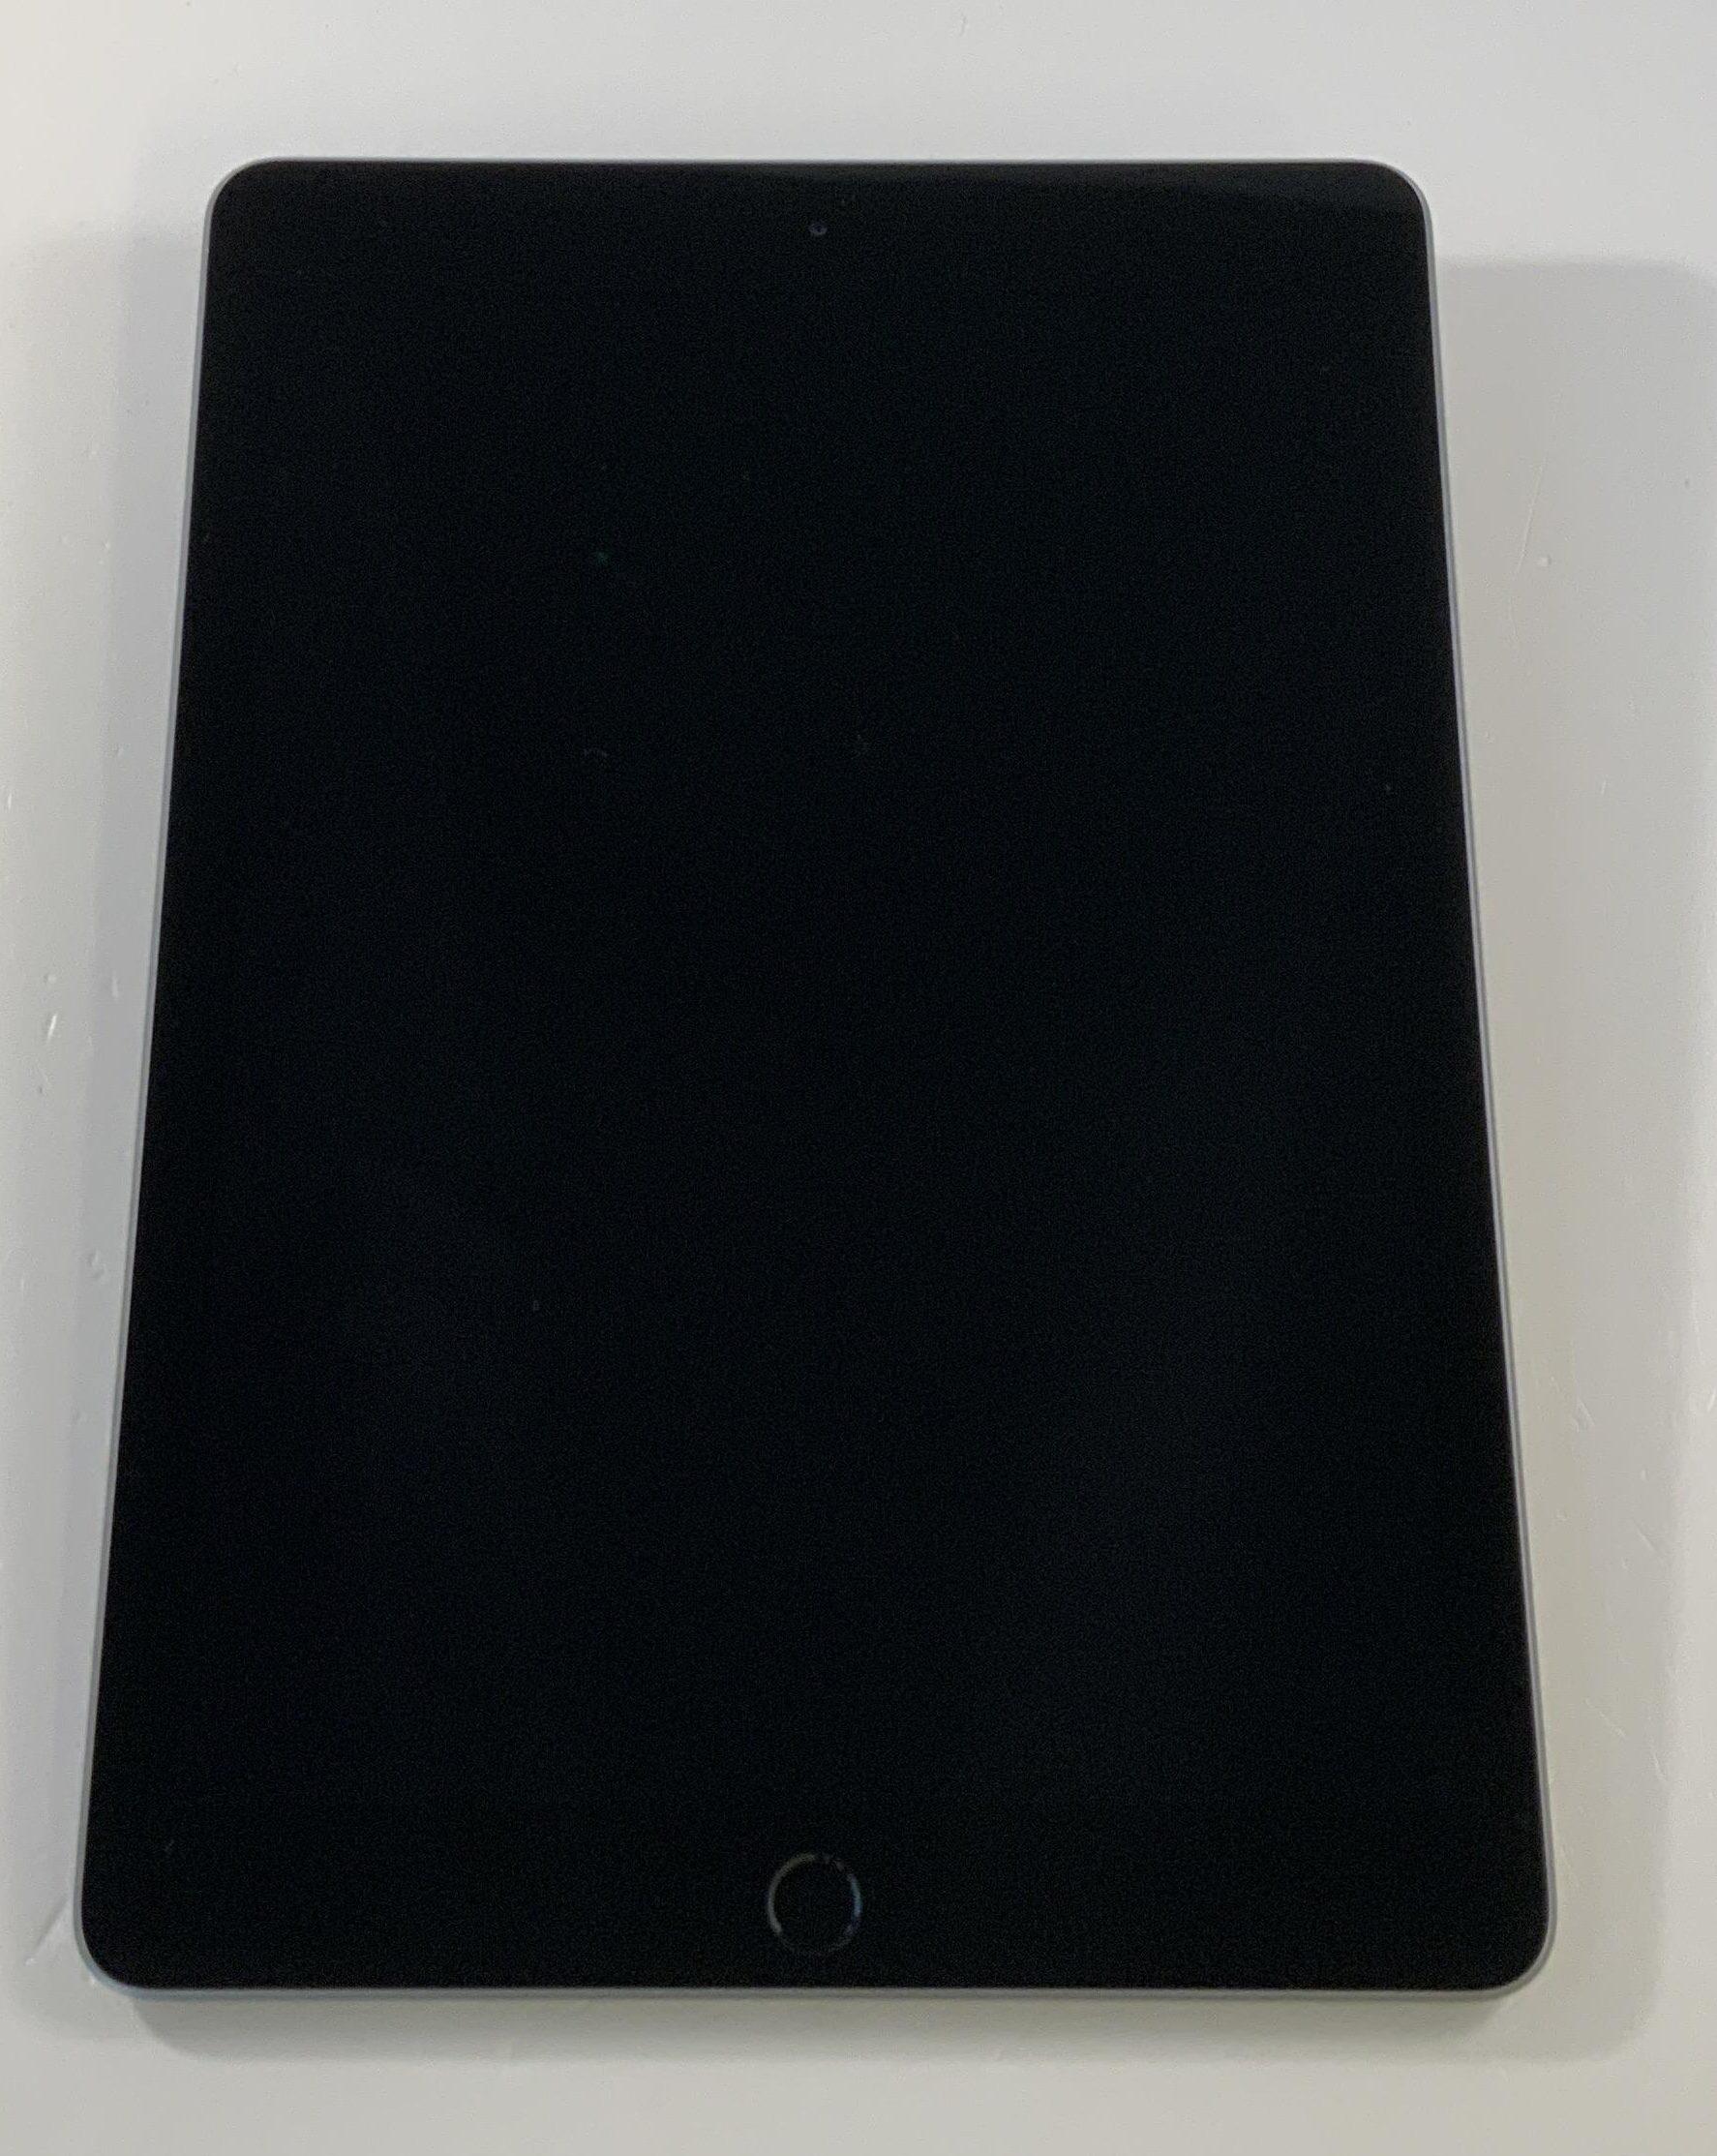 iPad 6 Wi-Fi 32GB, 32GB, Space Gray, obraz 1